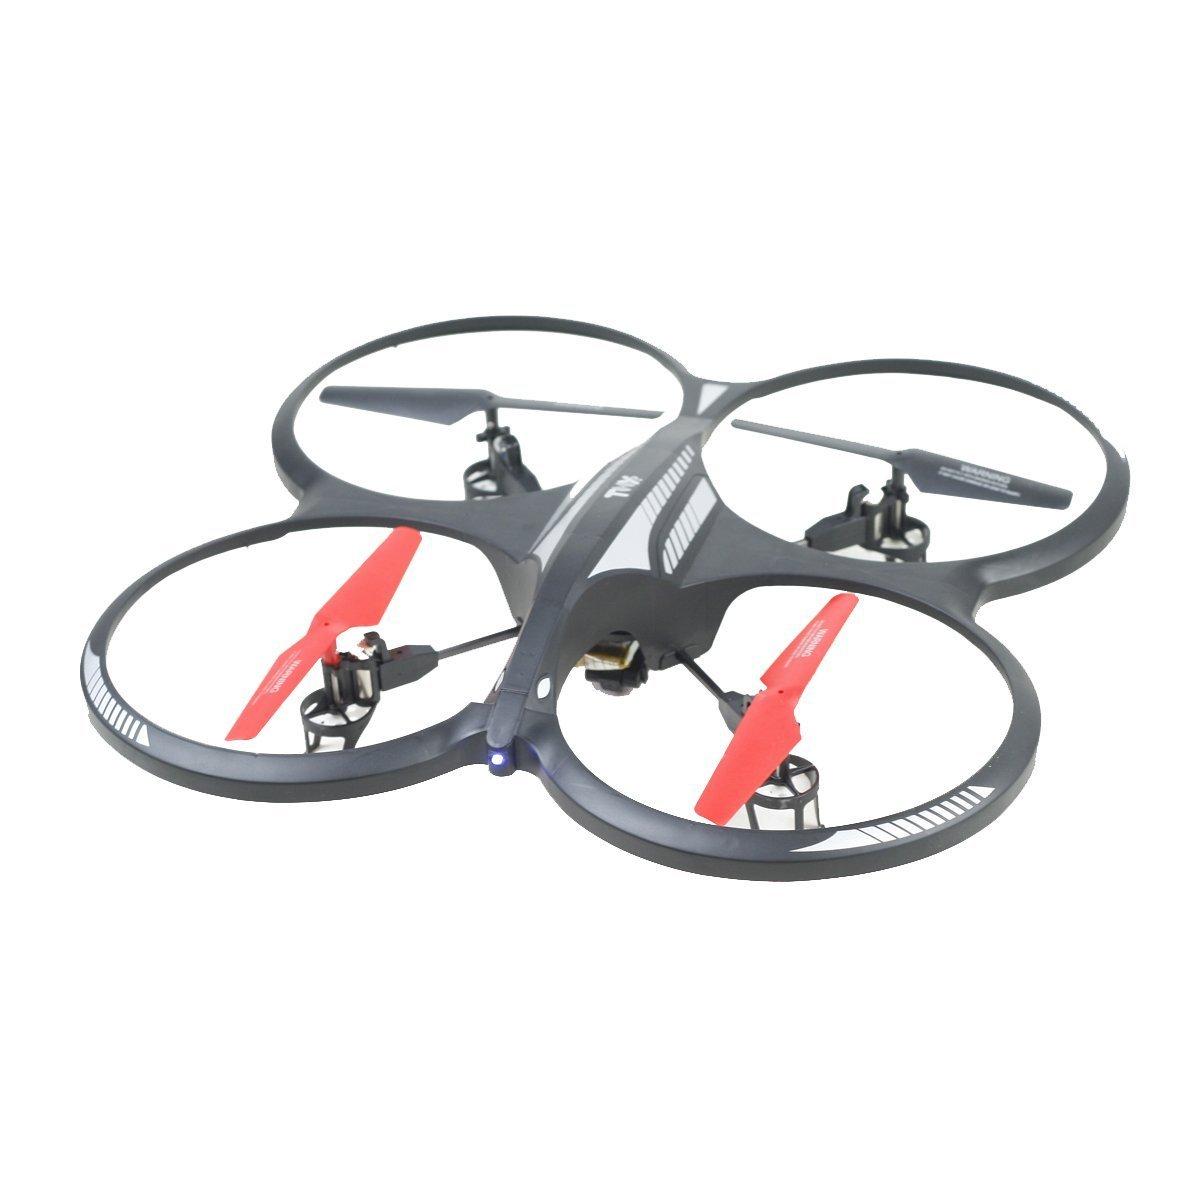 TOYLAB X Drone GSHOCK 2.4GHz 4ch Radio Control UFO with gyro & Camera (Big) Black+Red - Camera Drone